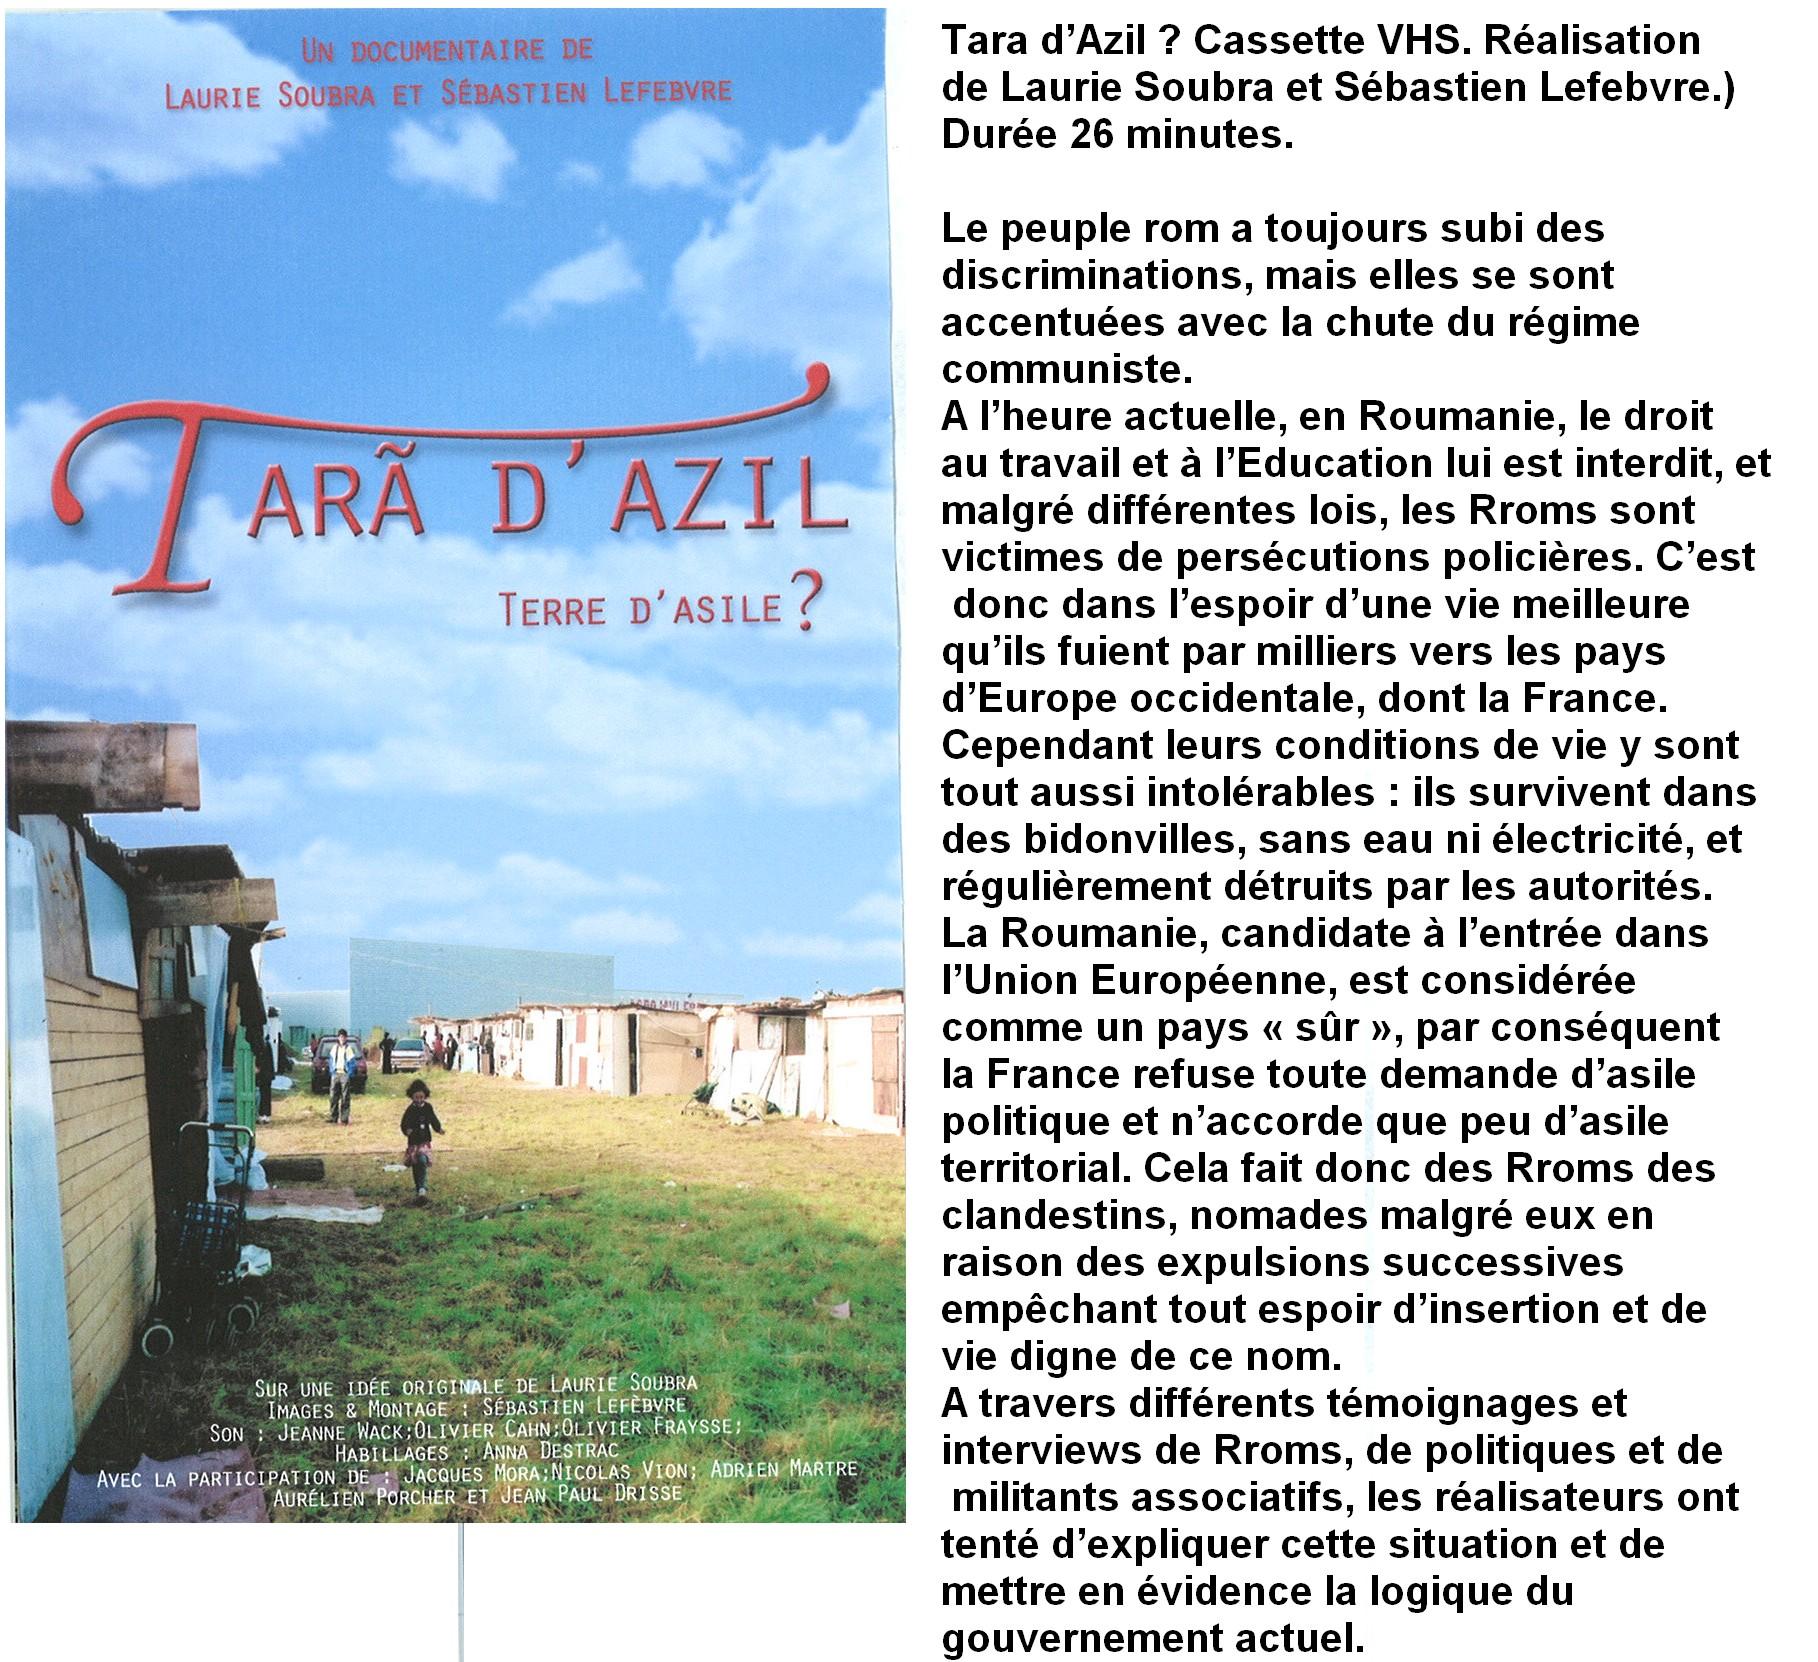 Tara_d_Asil_texte_et_image-2.jpg